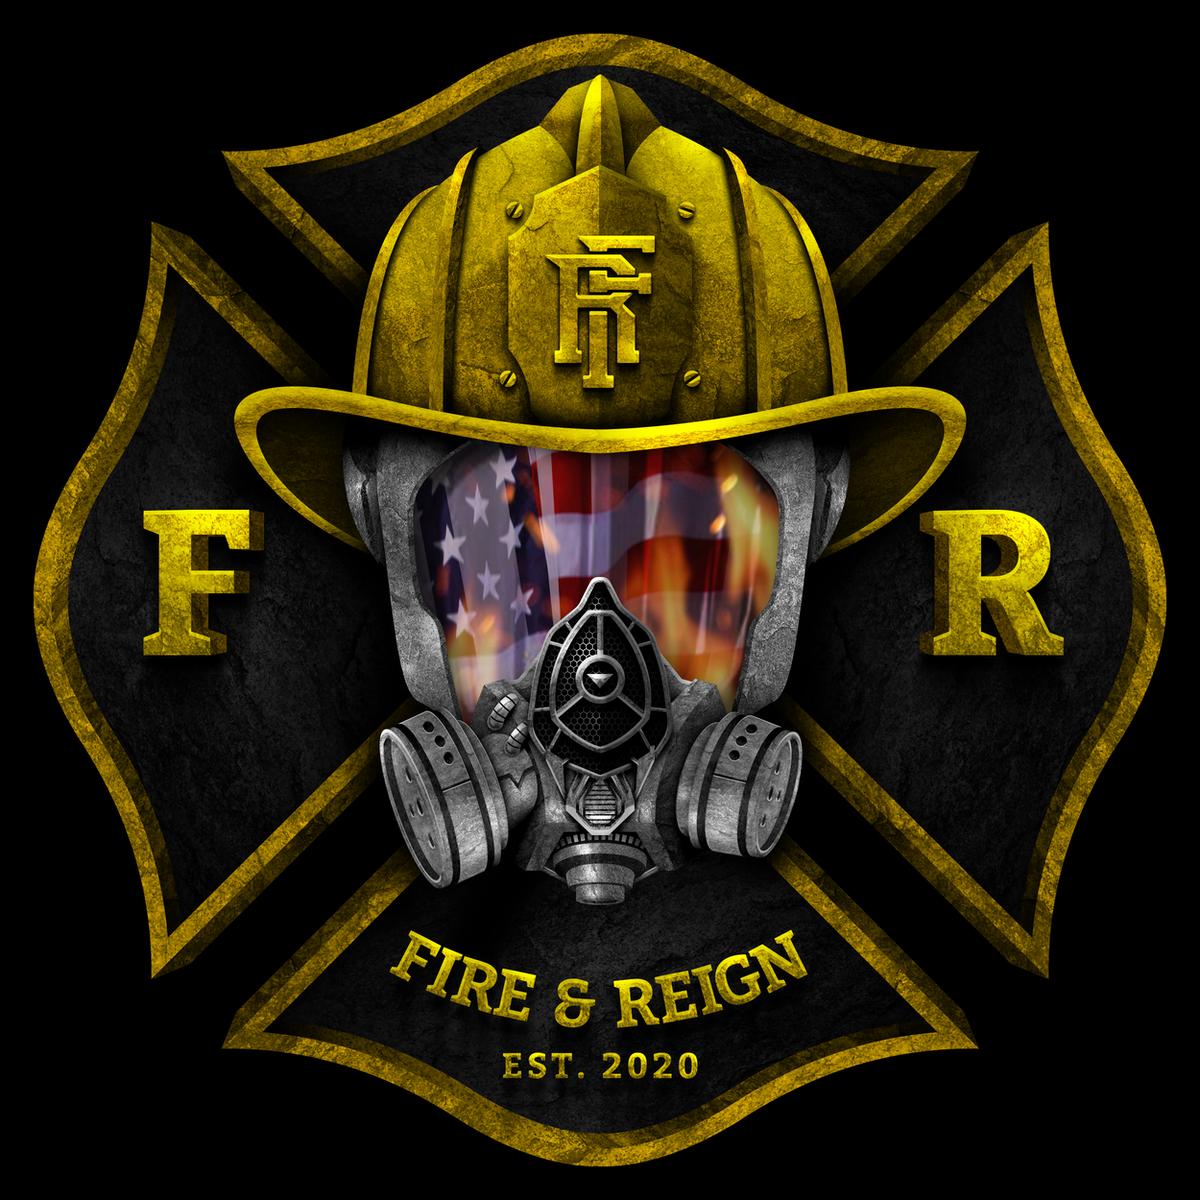 Fire & Reign